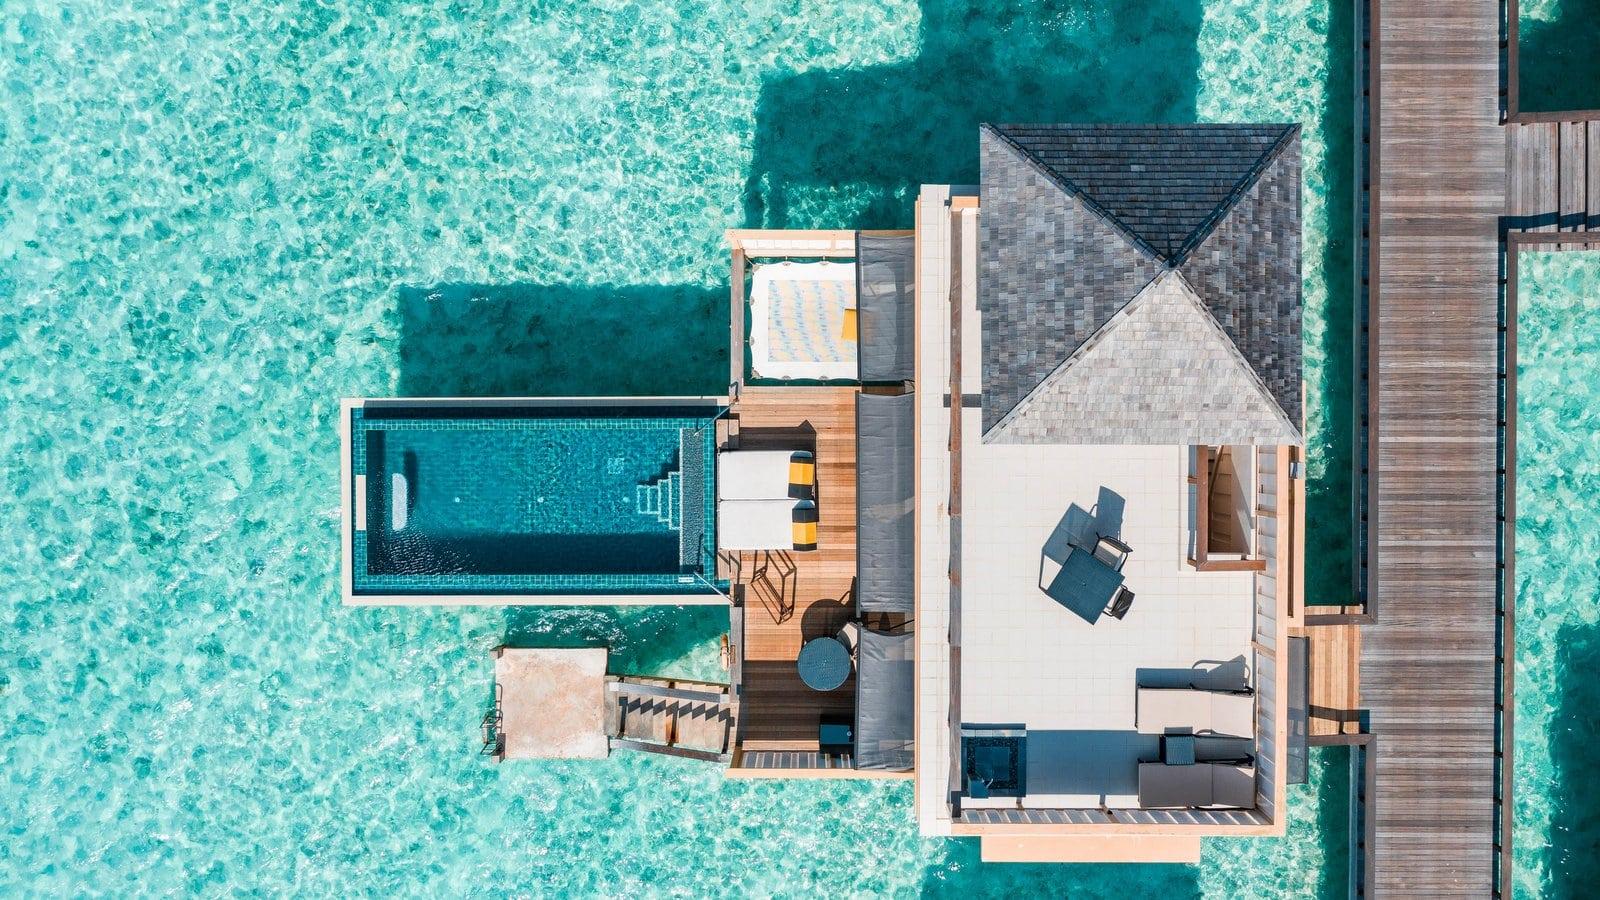 Мальдивы, отель Angsana Velavaru, водная вилла